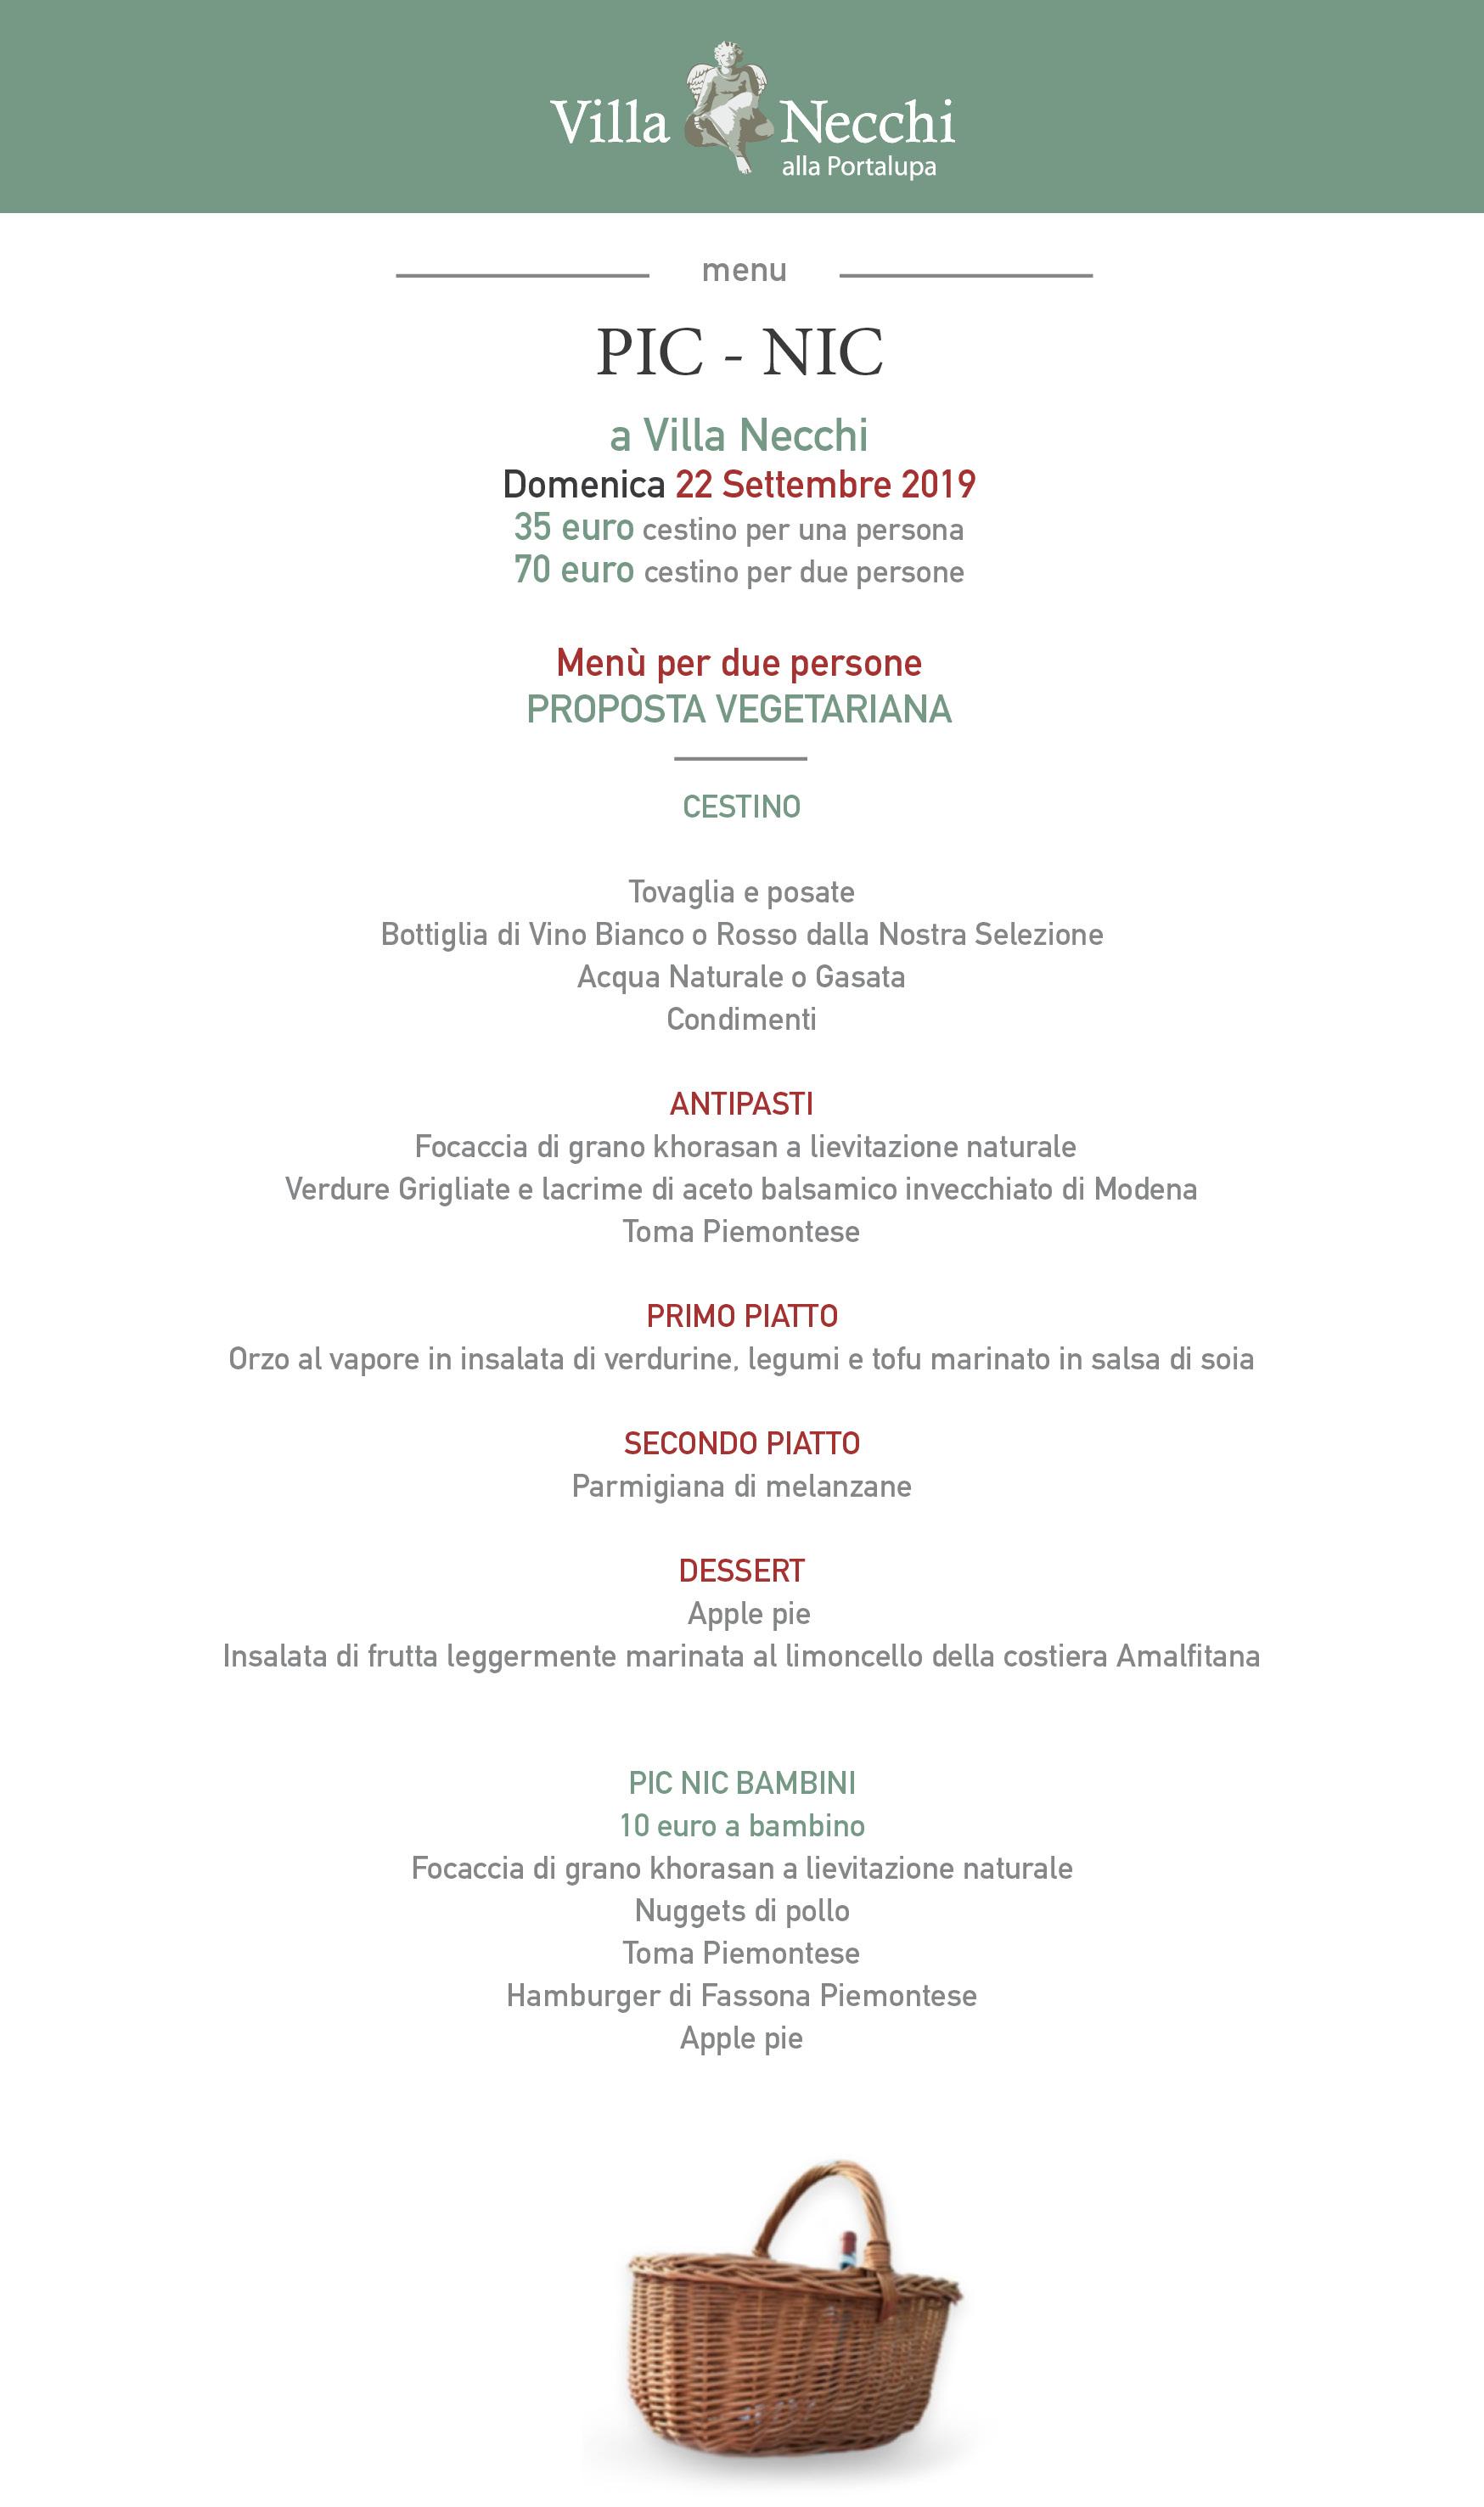 villa-necchi-pic-nic-22-settembre-vegetariano